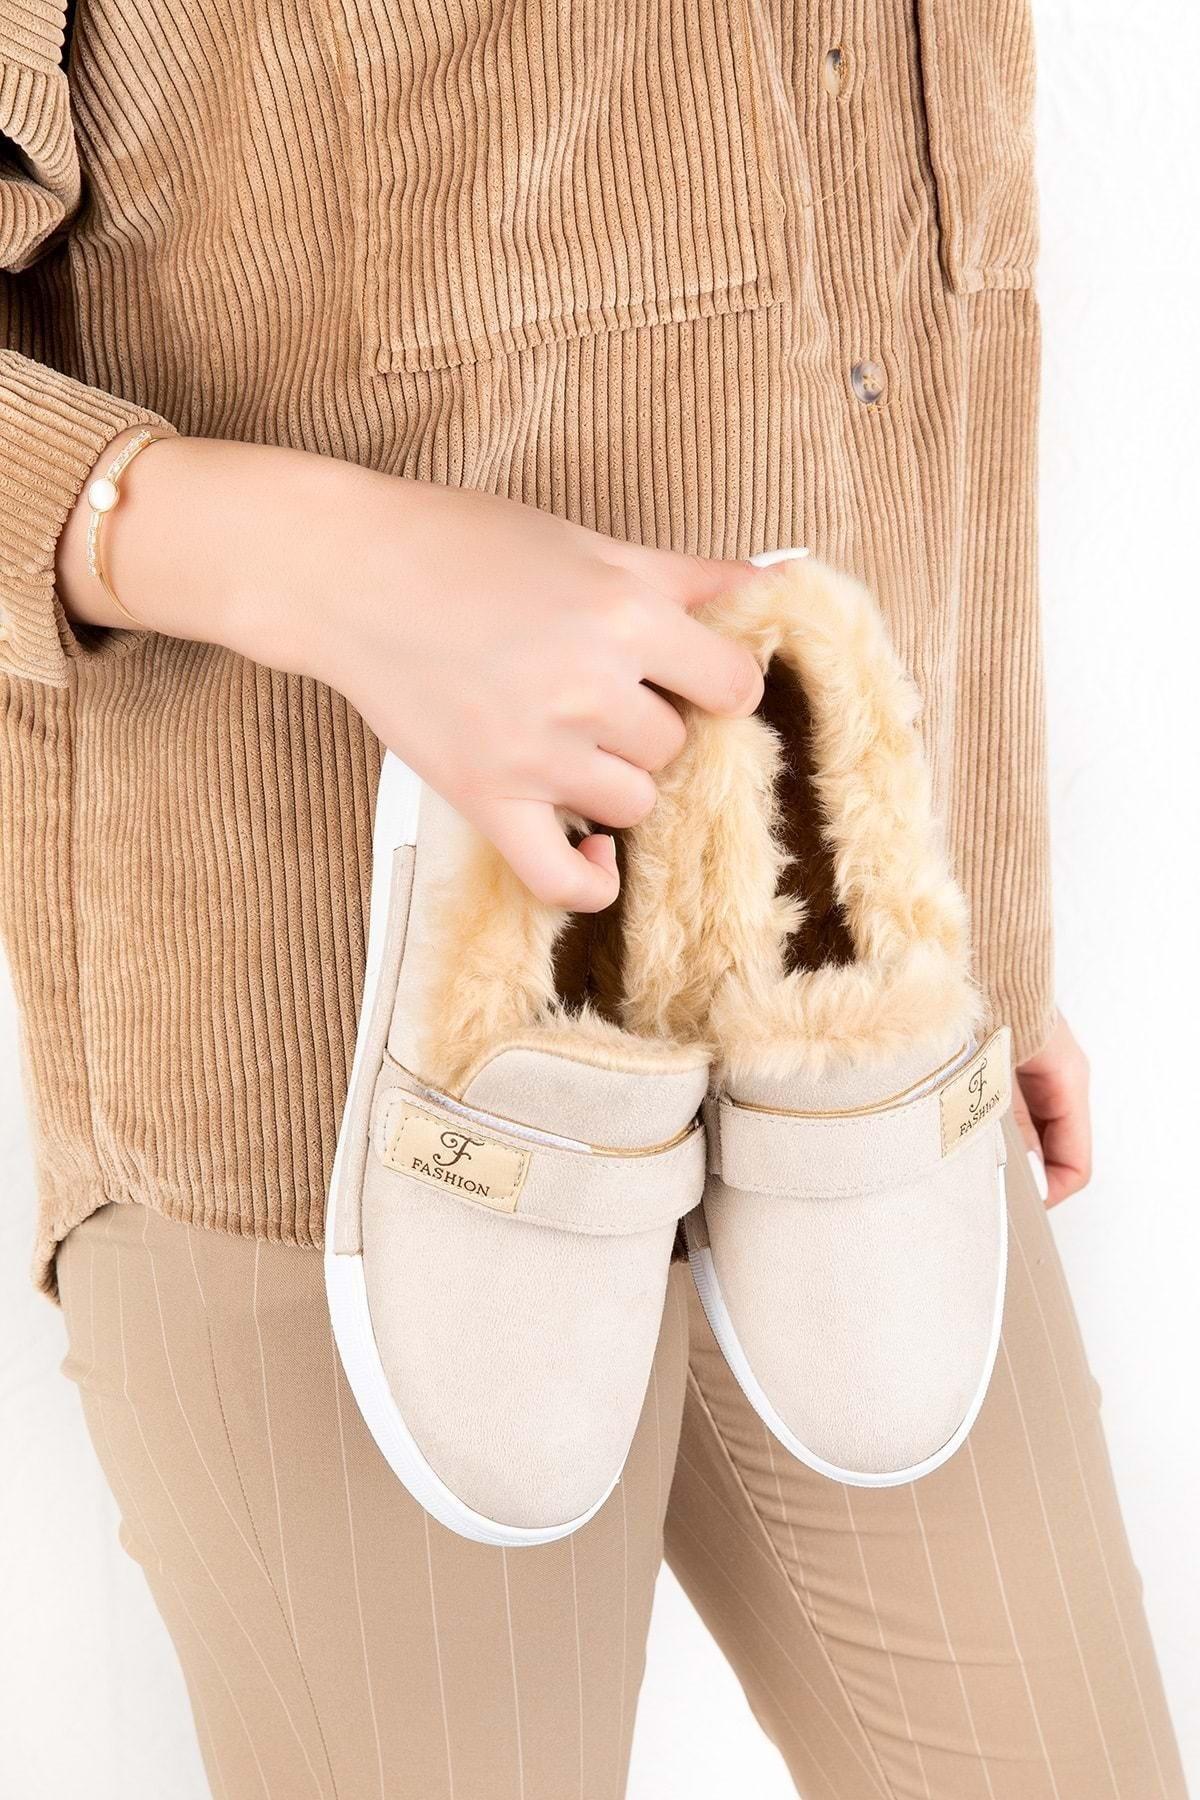 Gondol Içi Peluş Günlük Bağcıksız Ayakkabı Hsyn.90 - Krem - 37 1